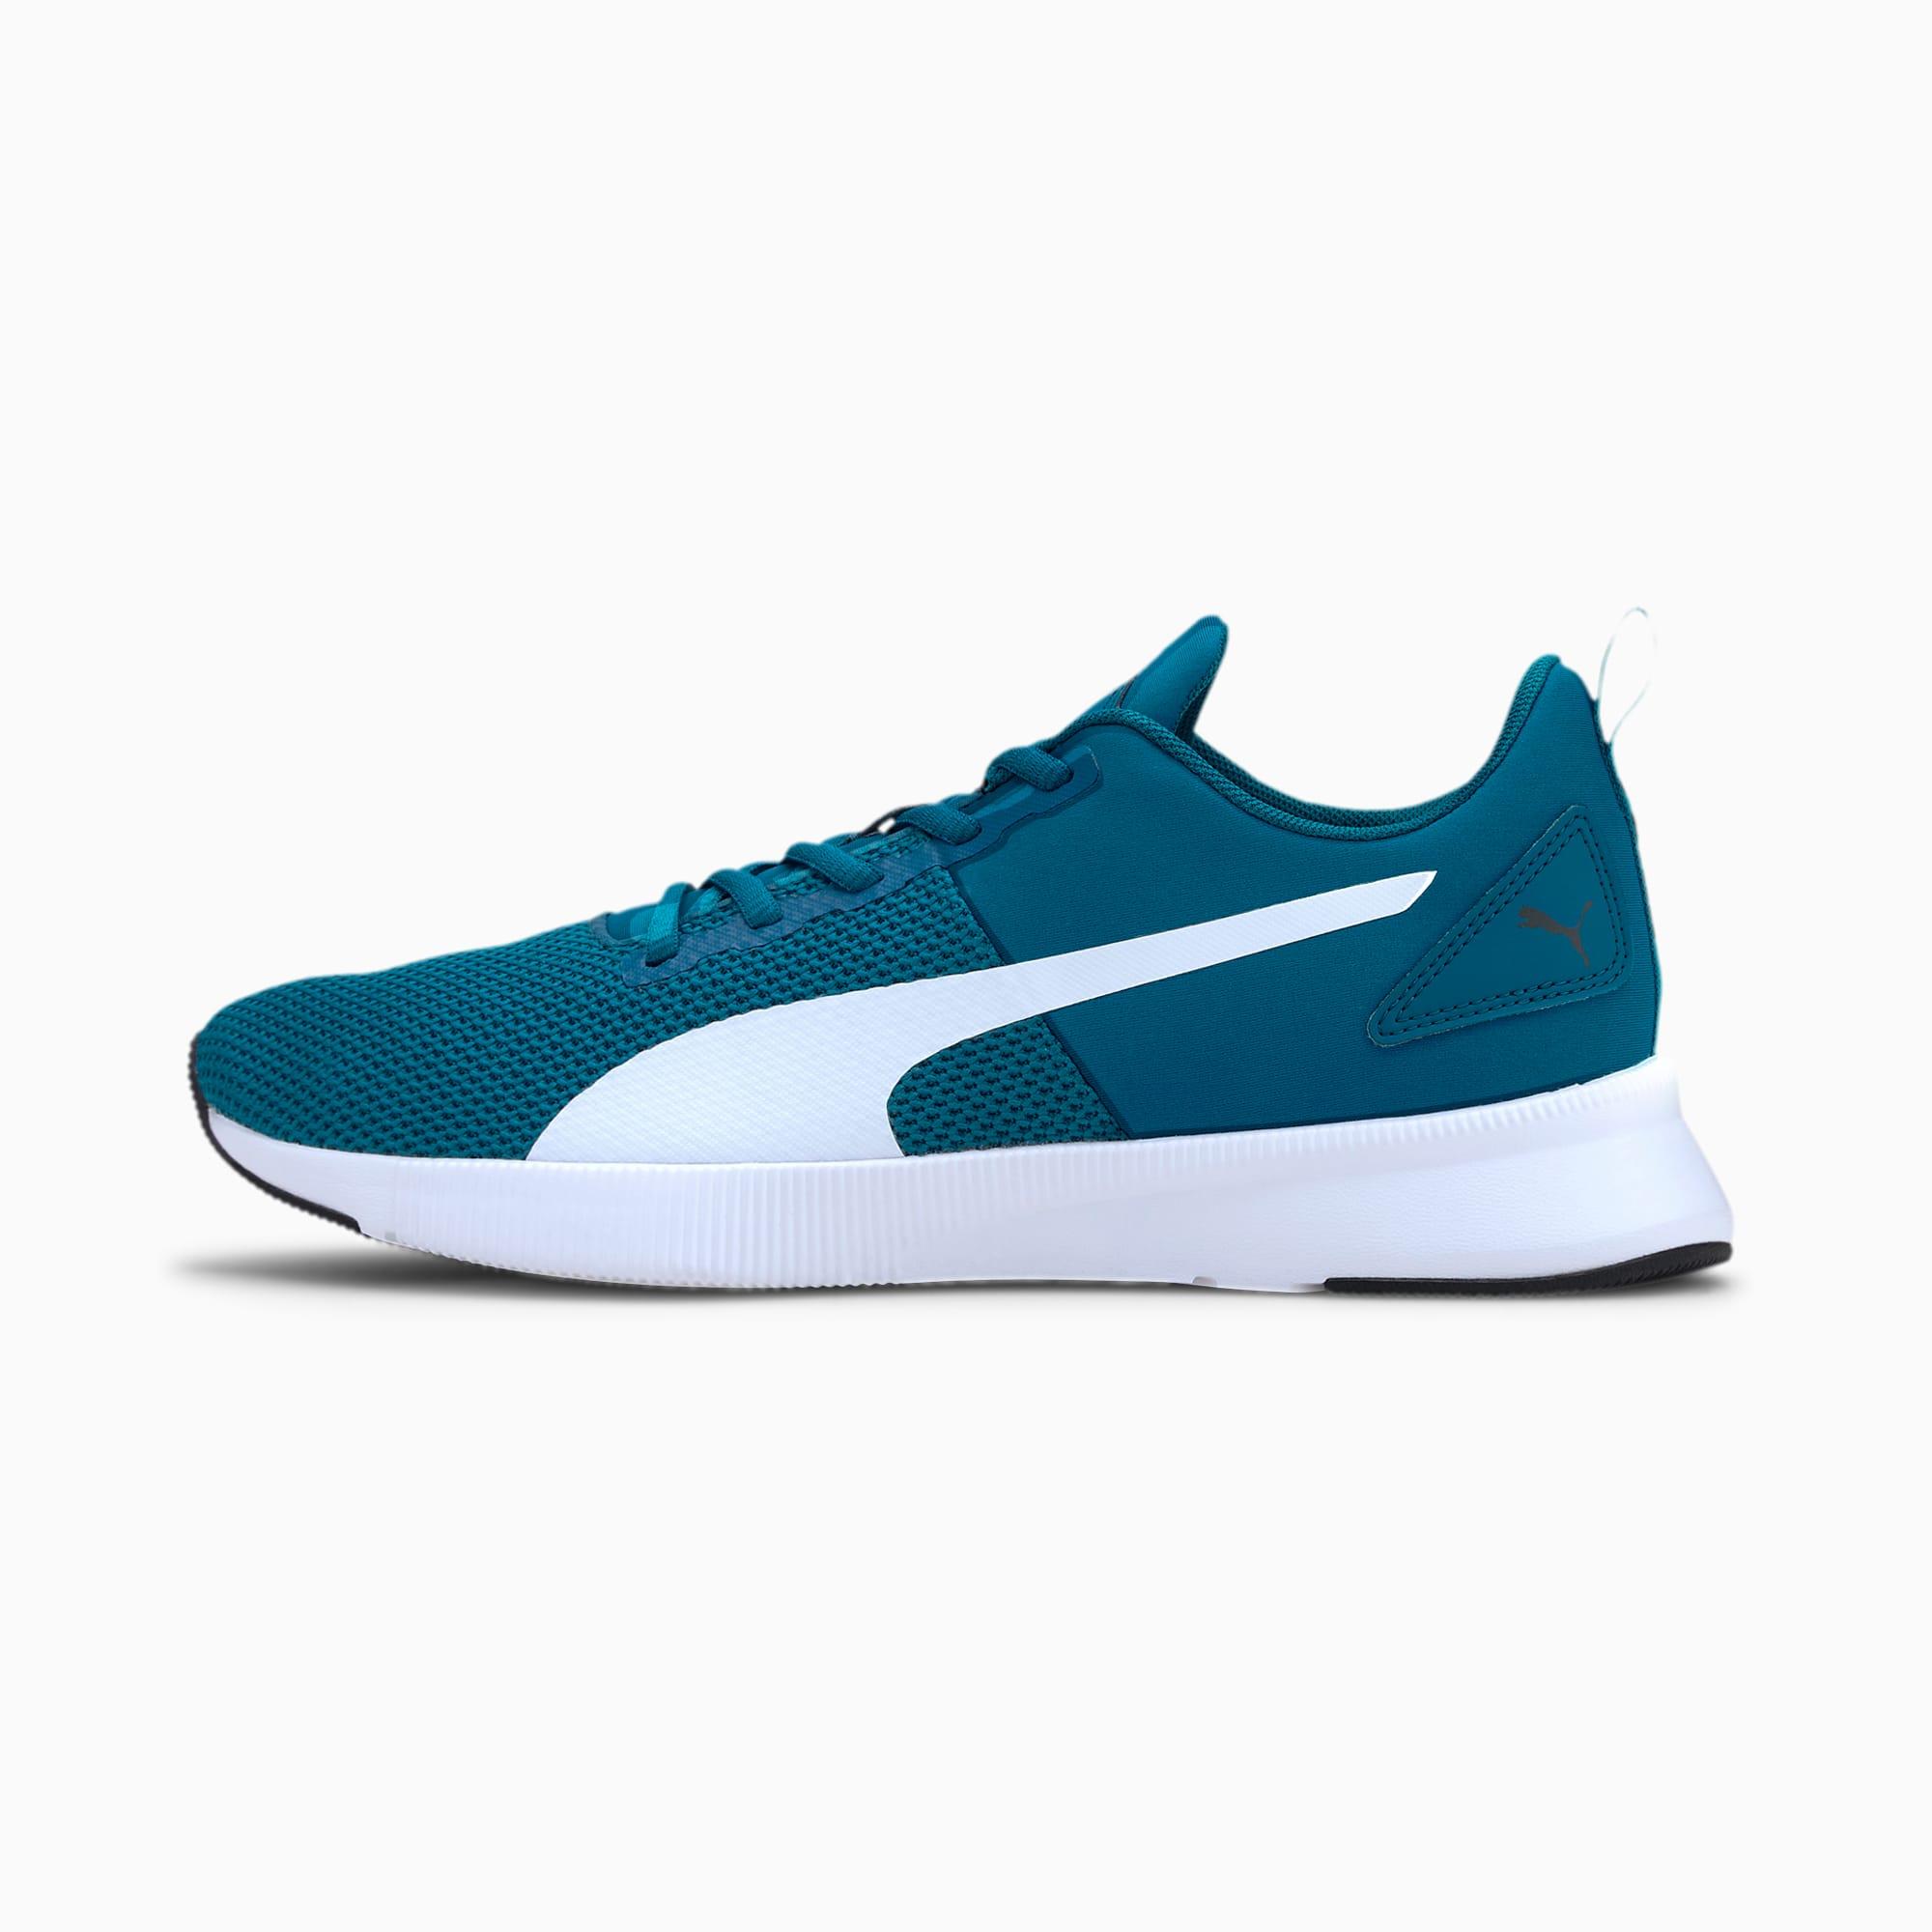 PUMA Chaussure de course Flyer Runner, Blanc/Bleu, Taille 43, Chaussures